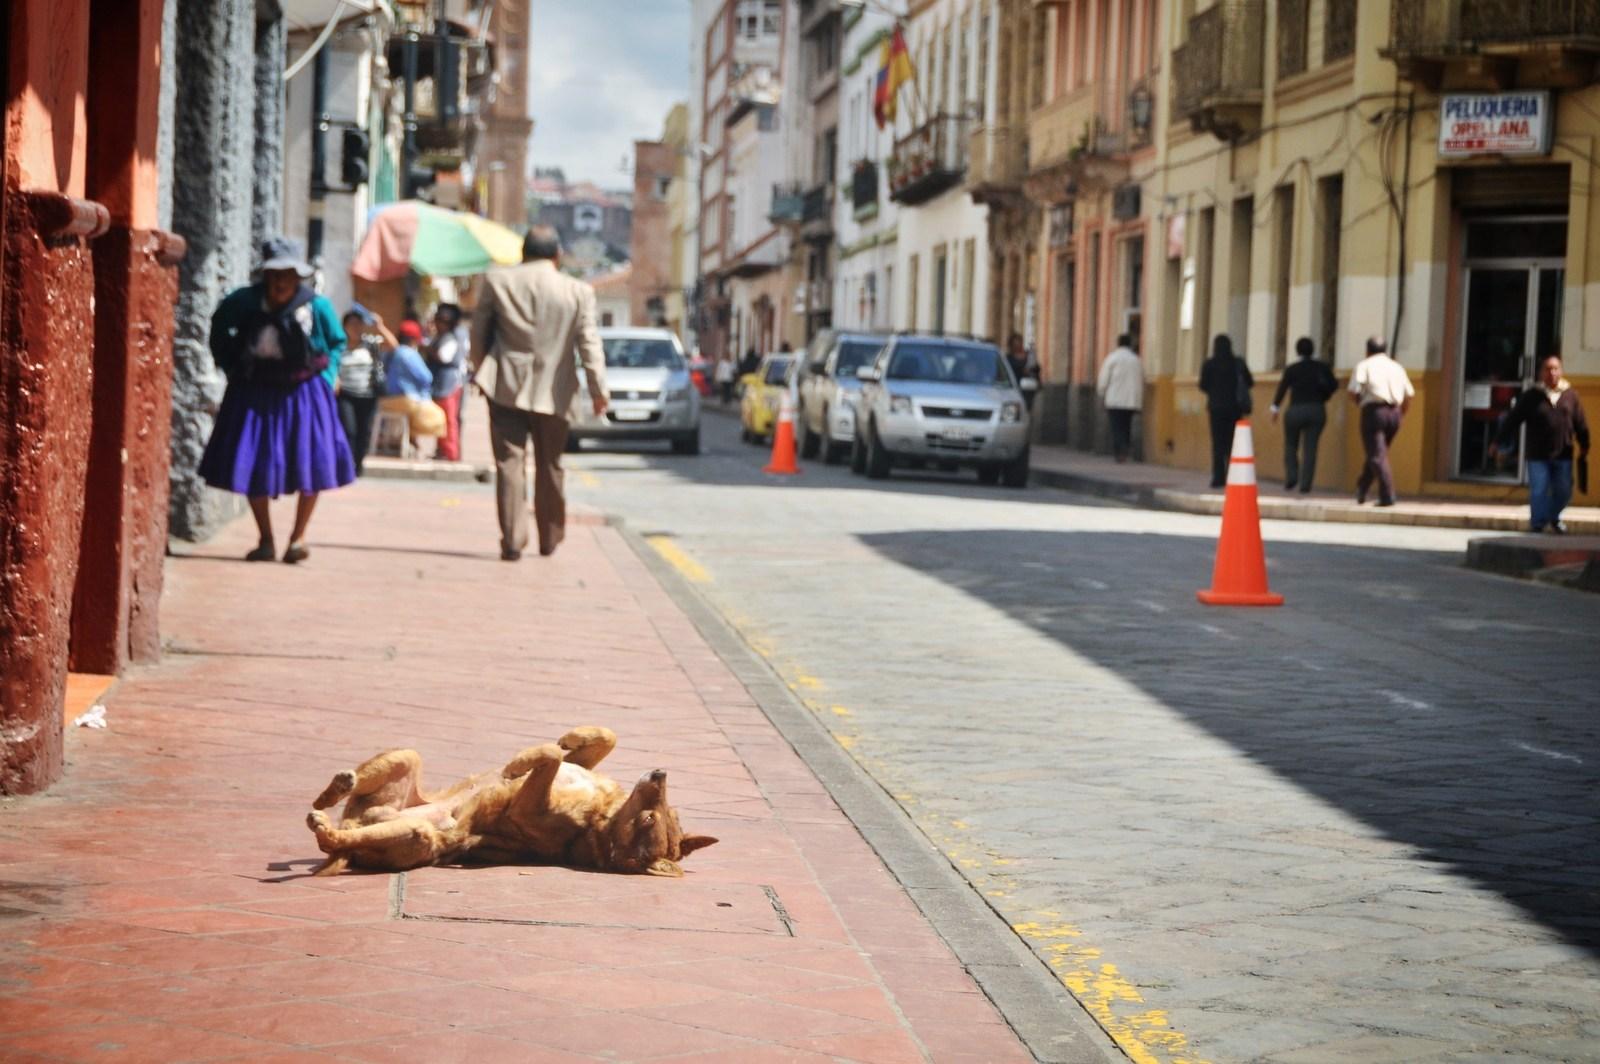 Having good times Cuenca